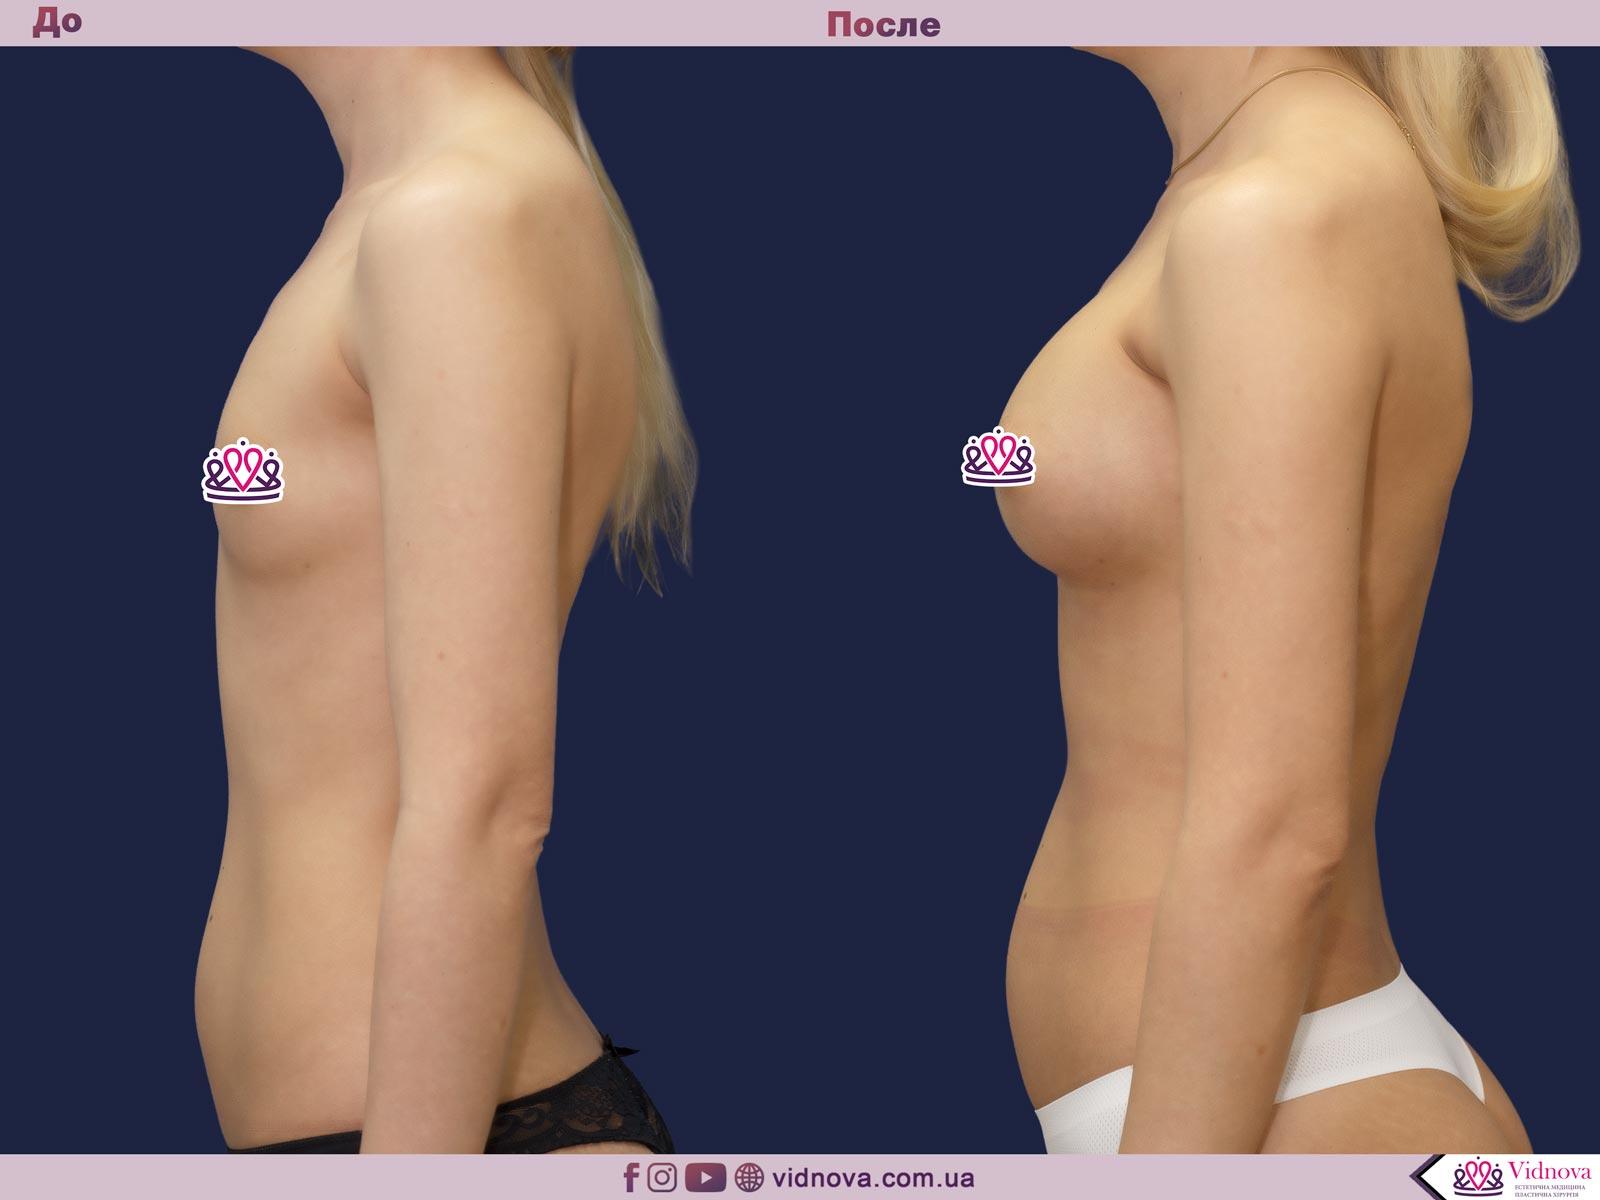 Пластика груди: результаты до и после - Пример №39-2 - Светлана Работенко